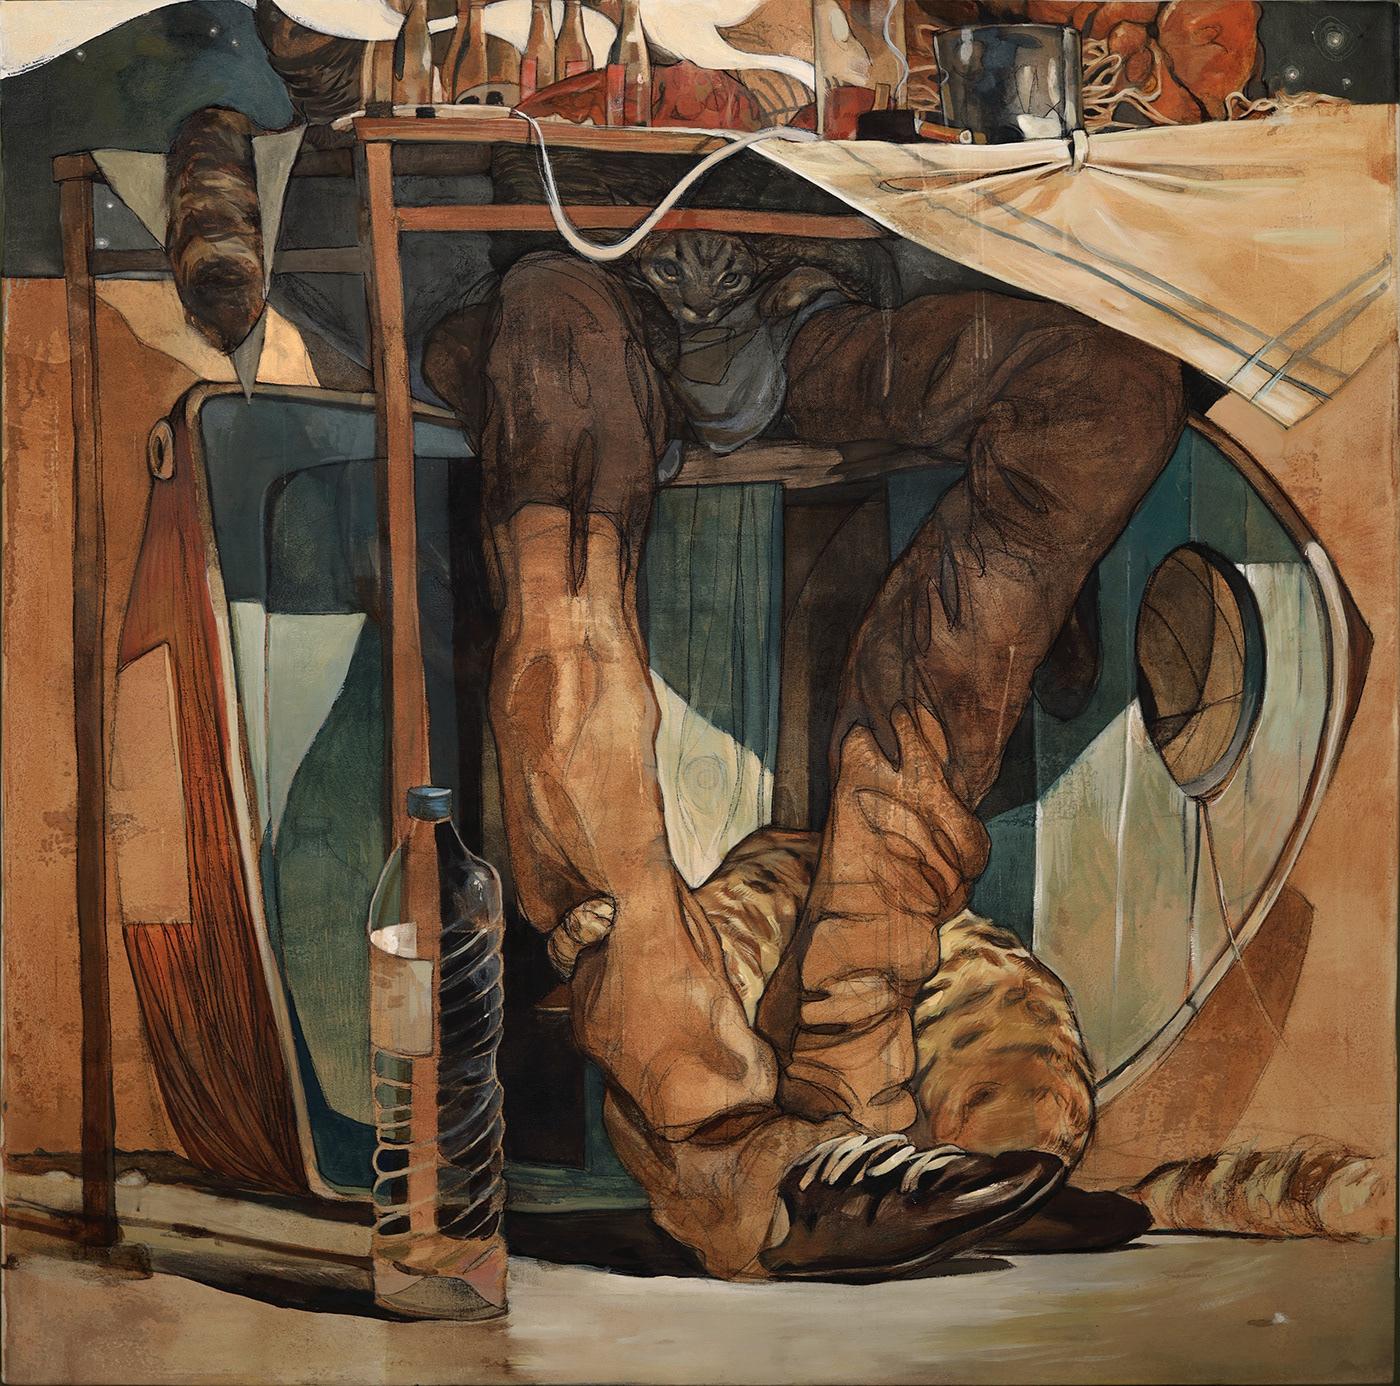 artcollector contemporary art Illustation illustrations jordan Mural Nike Stamatis Laskos Street Art  The New Yorker